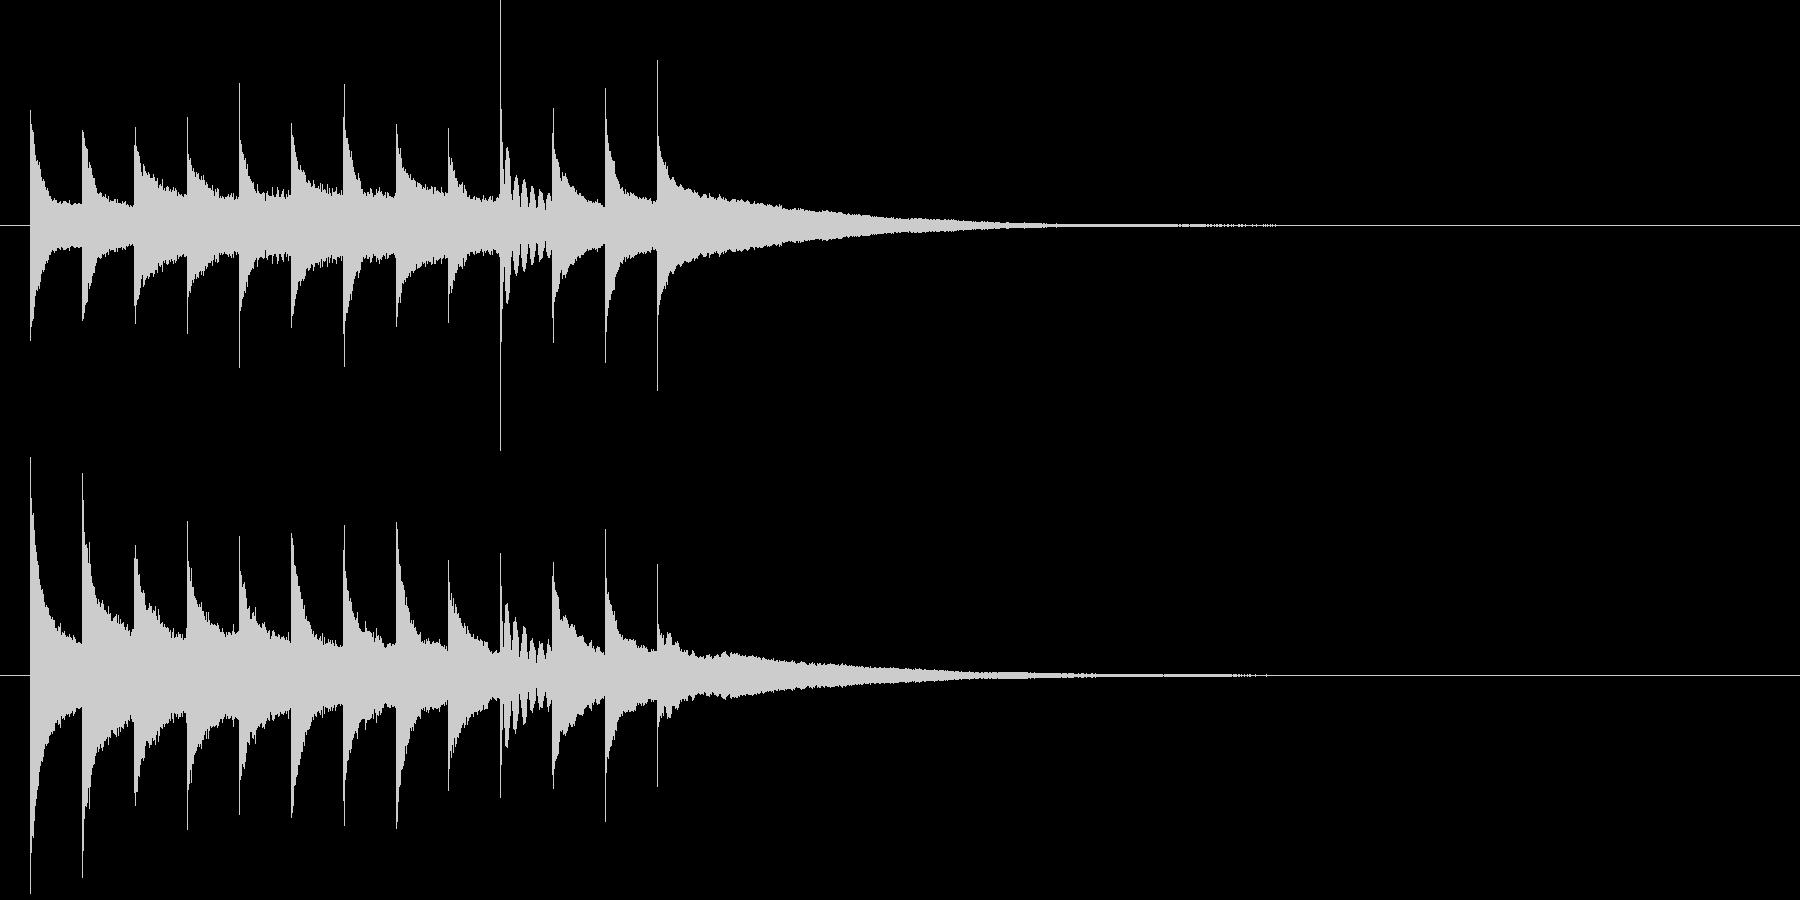 クリスマスに合うグロッケンのジングルの未再生の波形